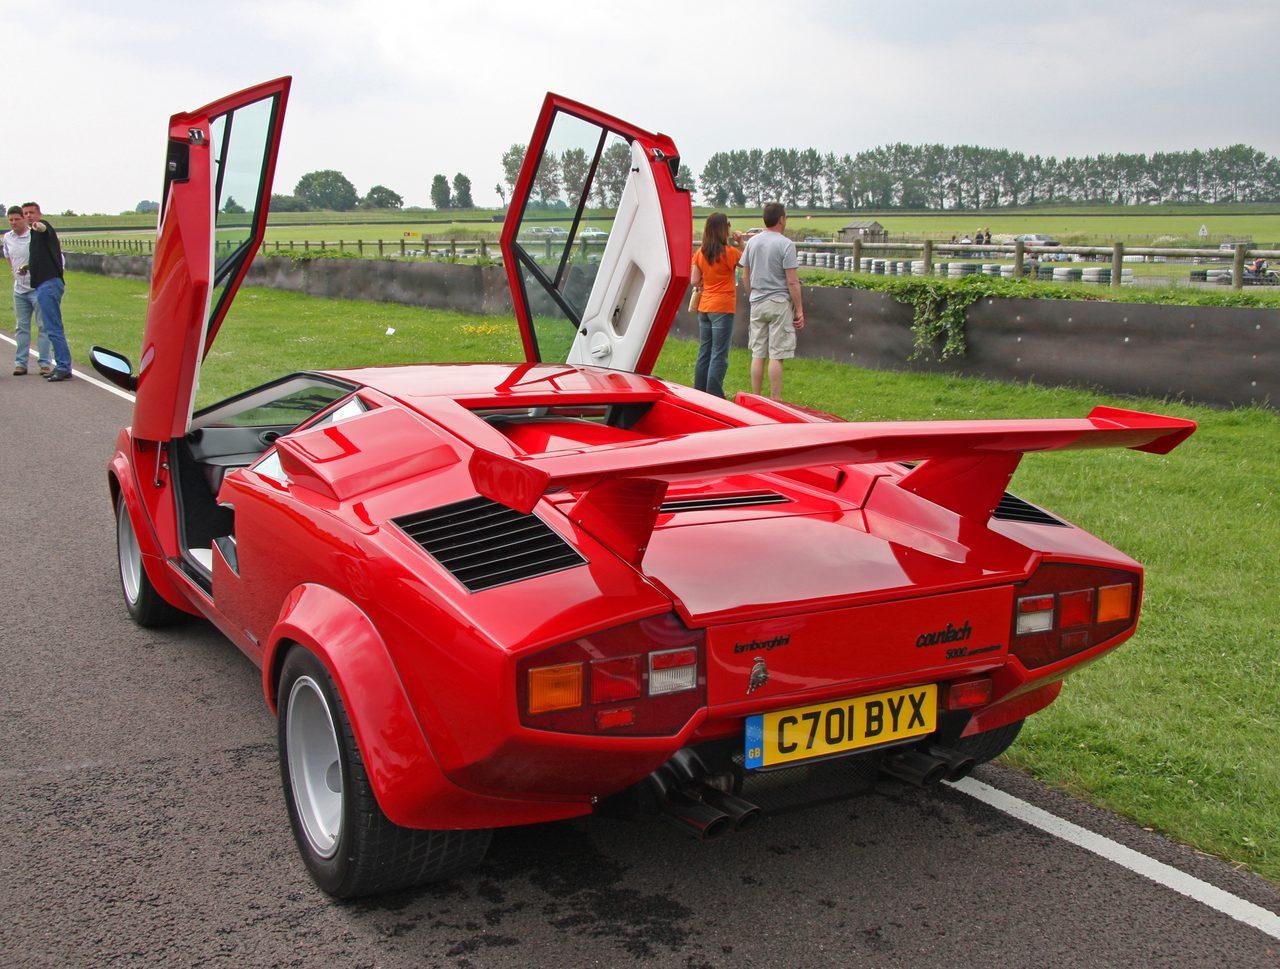 画像: 市販モデルのLP400が登場したのは3年後の1974年である。オーバーヒート対策のためボディに多数のエアインテーク、アウトレットが設けられた。エンジンはより扱いやすくミウラで実績も積んでいた3,929ccエンジンに換装された。また車体構造はテストドライブの際に剛性不足と判断されたため、セミモノコックから丸鋼管を溶接して組み上げたバードケージ(鳥かご)フレームにアルミボディを載せるデザインに変更され、剛性向上と軽量化を同時に果たしている。マルチェロ・ガンディーニのオリジナルデザインに一番近い生産型であるLP400は、わずか150台しか生産されなかった。なお、実際の車両重量についてはカタログ記載より約500kg程度重い1.6tであり、エンジン出力についても実際は330英馬力程度と思われる。これらの数値は実際の各種テストデータ、0~400m13秒台後半、最高速度260km/hなどから考えても辻褄の合う内容である。 ja.wikipedia.org